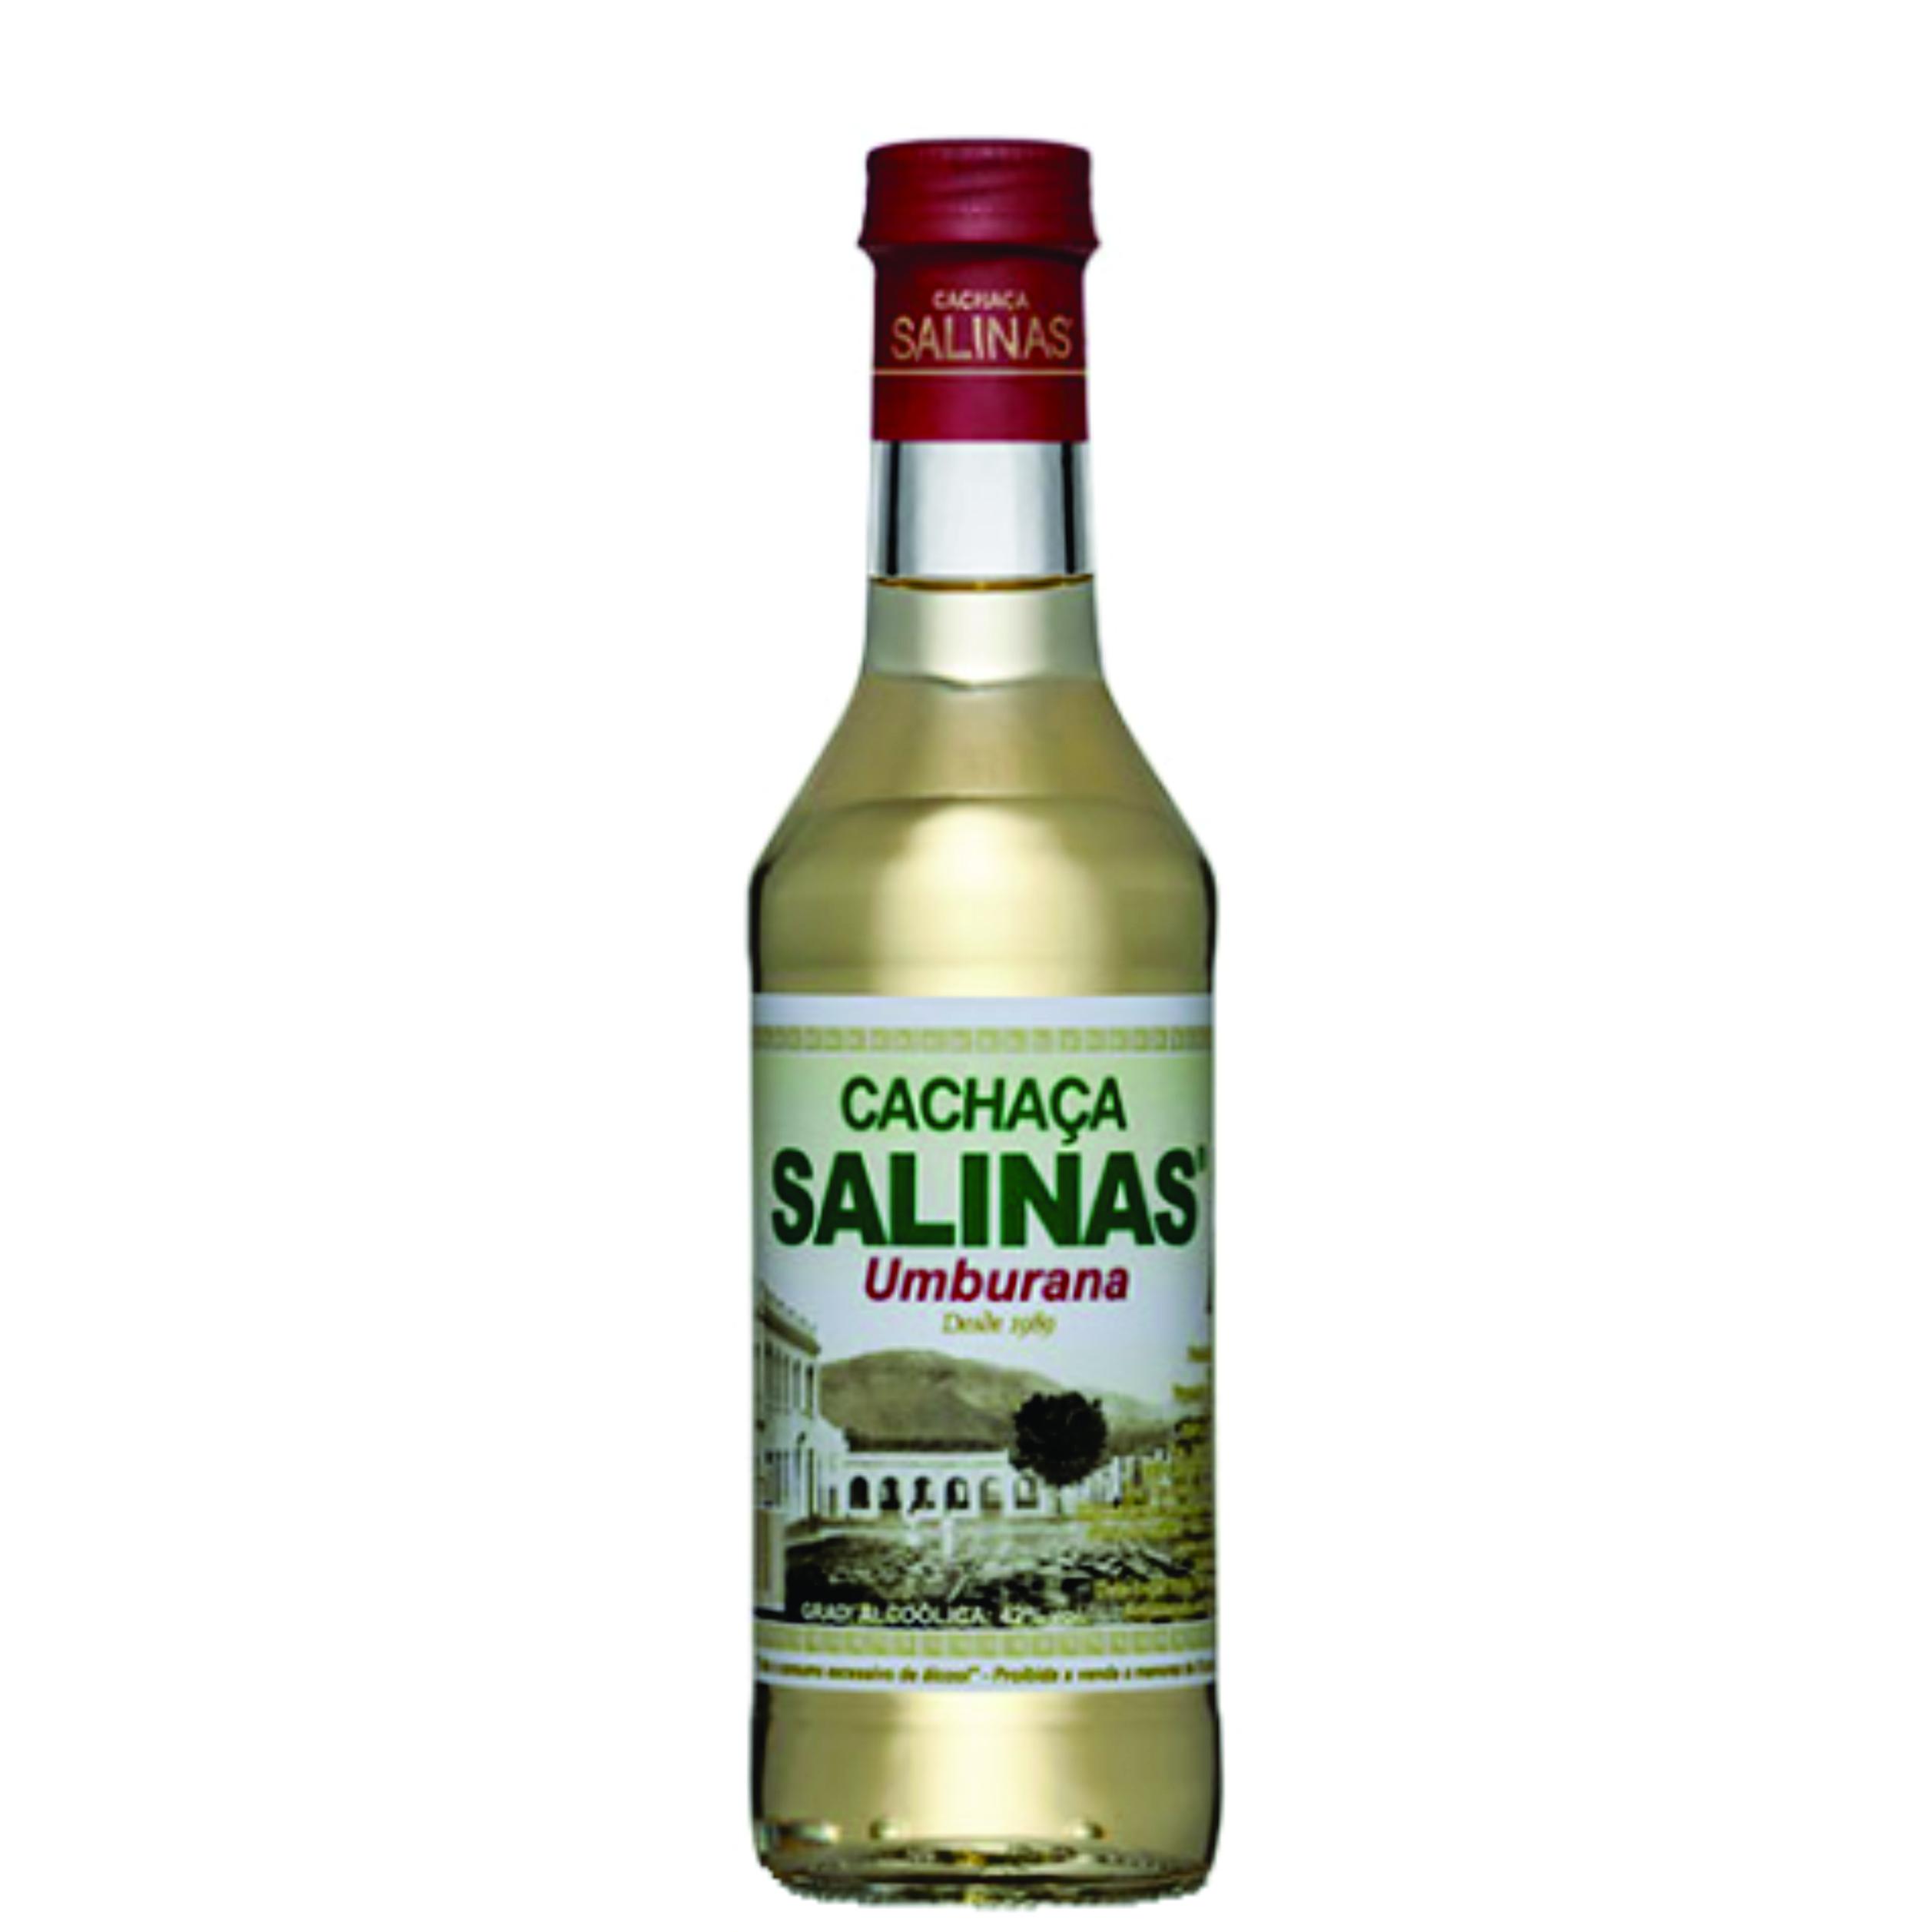 CACHACA SALINAS UMBURANA 350ML